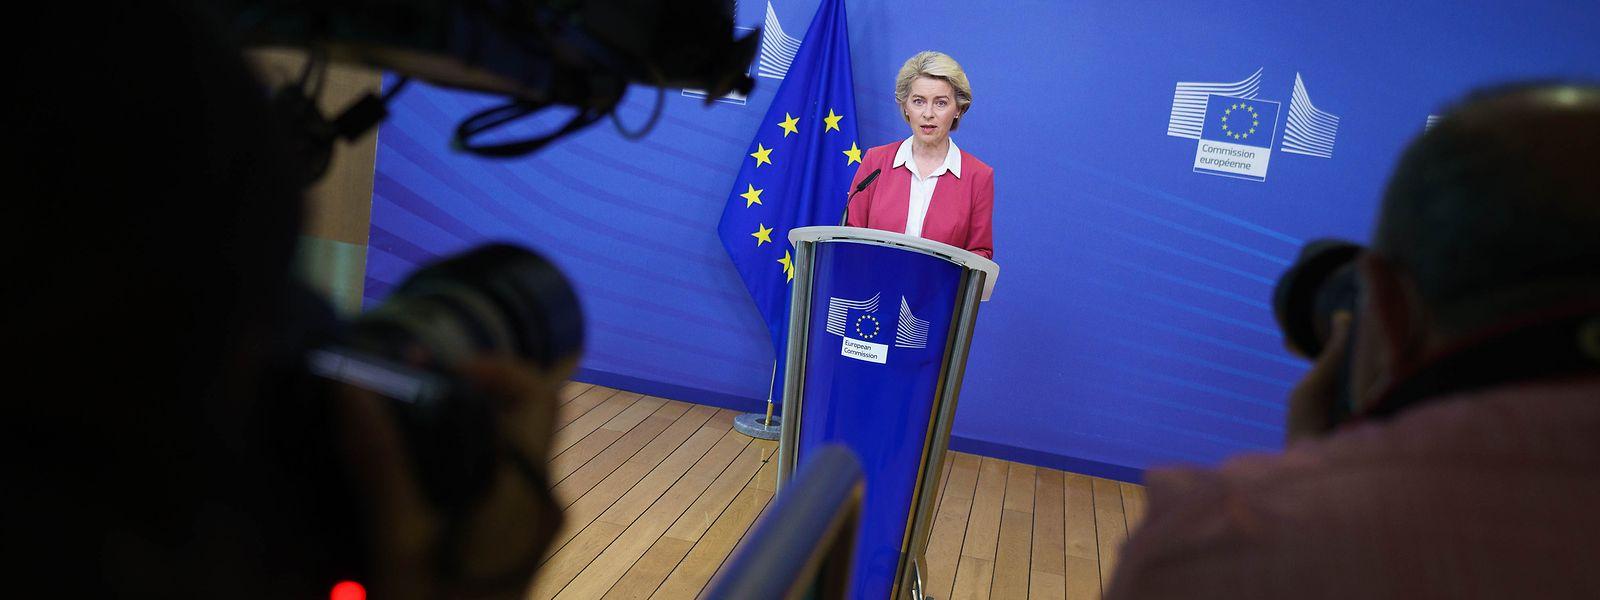 En indiquant mardi que l'UE était parvenue à faire que 70% des adultes de l'UE aient reçu au moins une dose de vaccin, Ursula von der Leyen assure que l'Europe fait partie «des leaders mondiaux» en termes de vaccination.